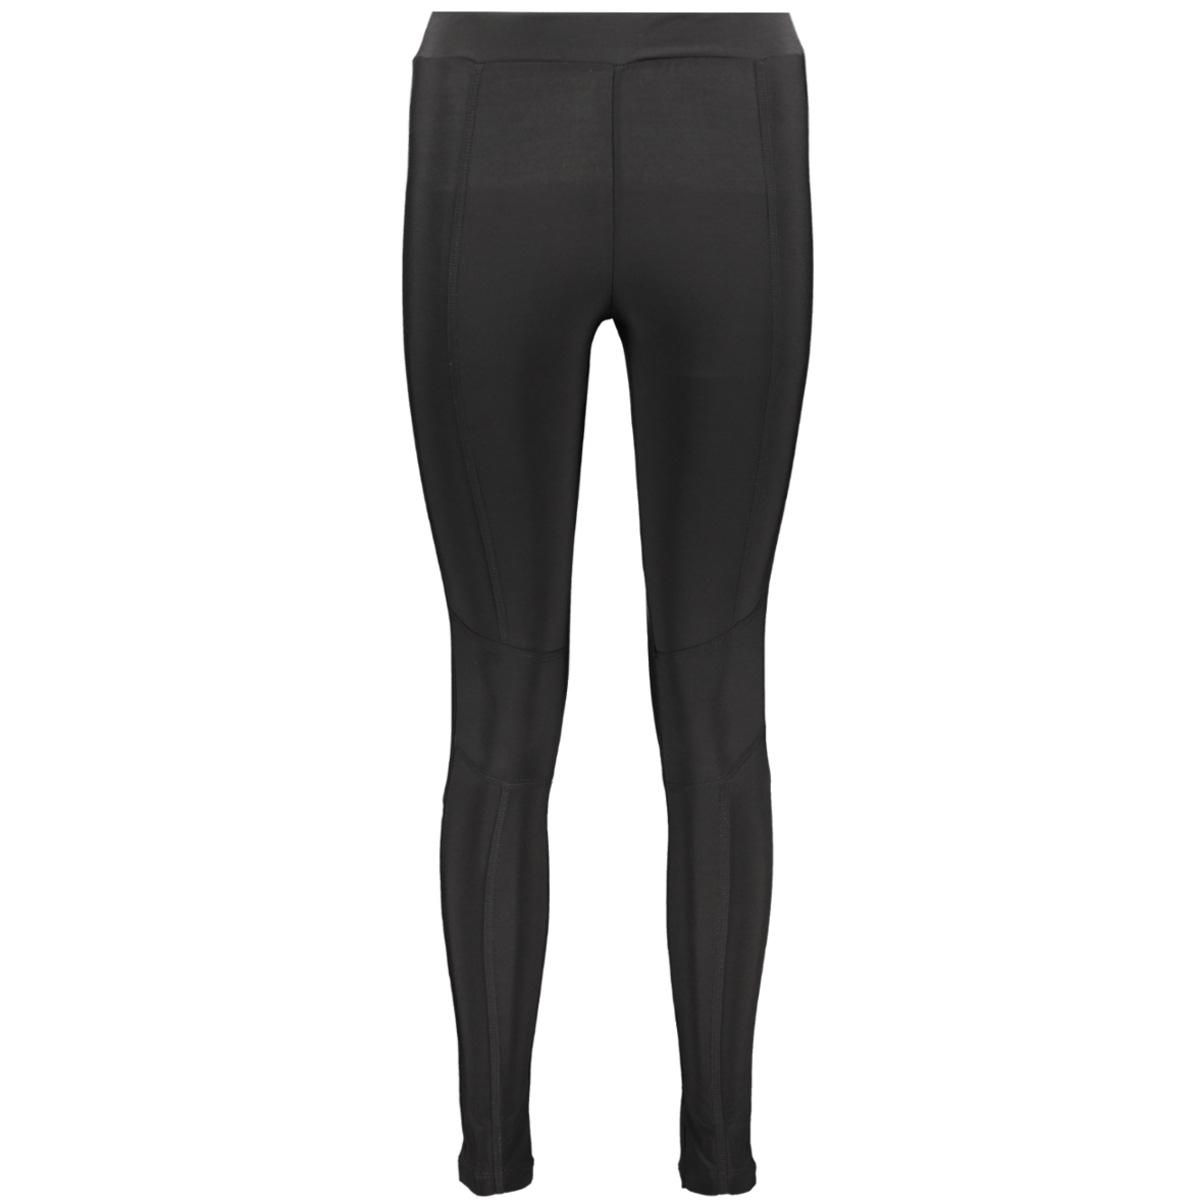 sos splendour legging 195 zoso legging black